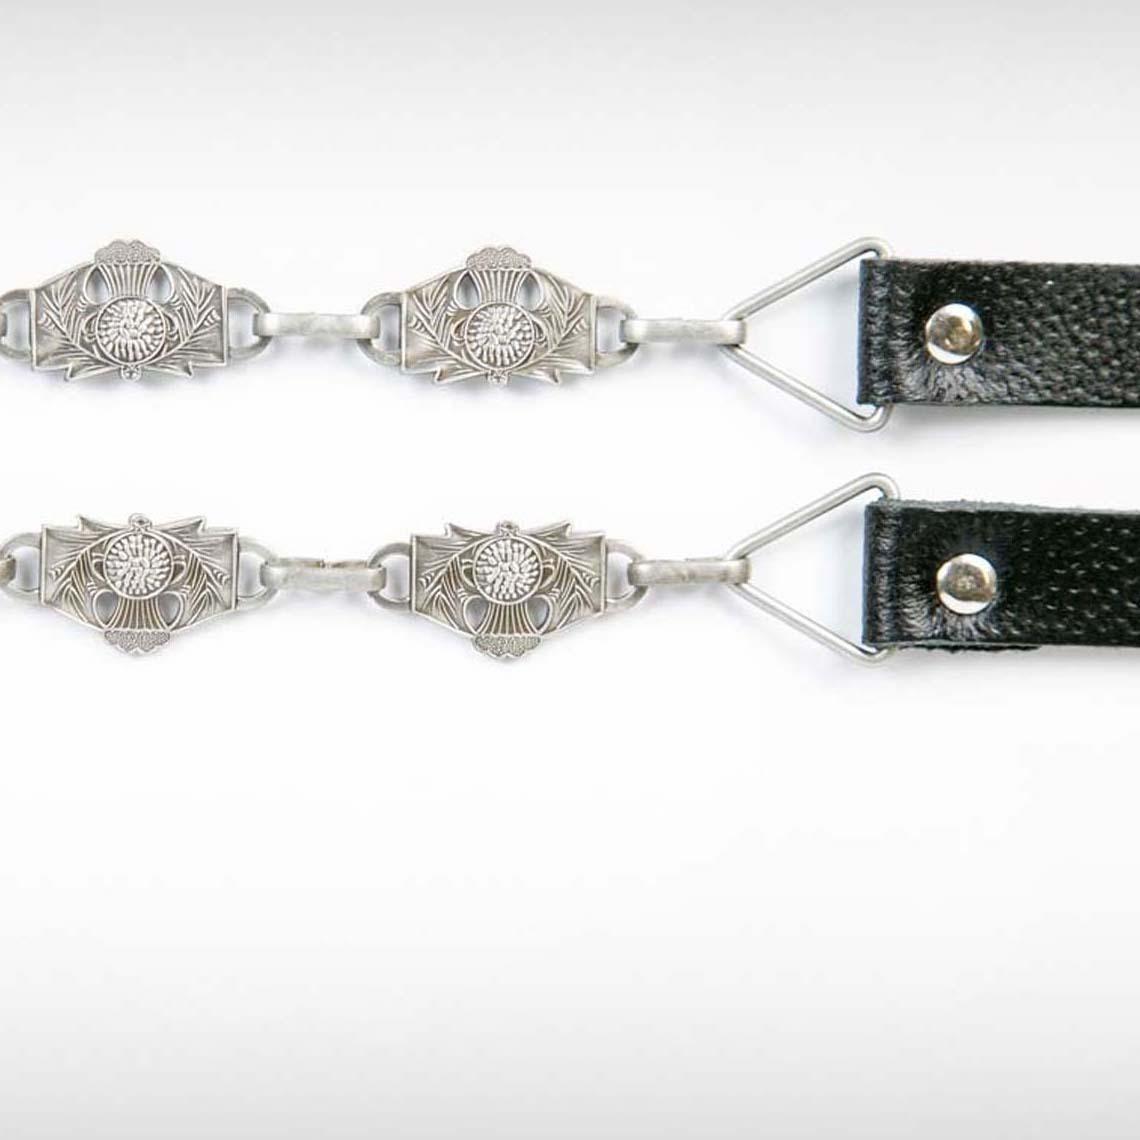 Thistle Sporran Chain